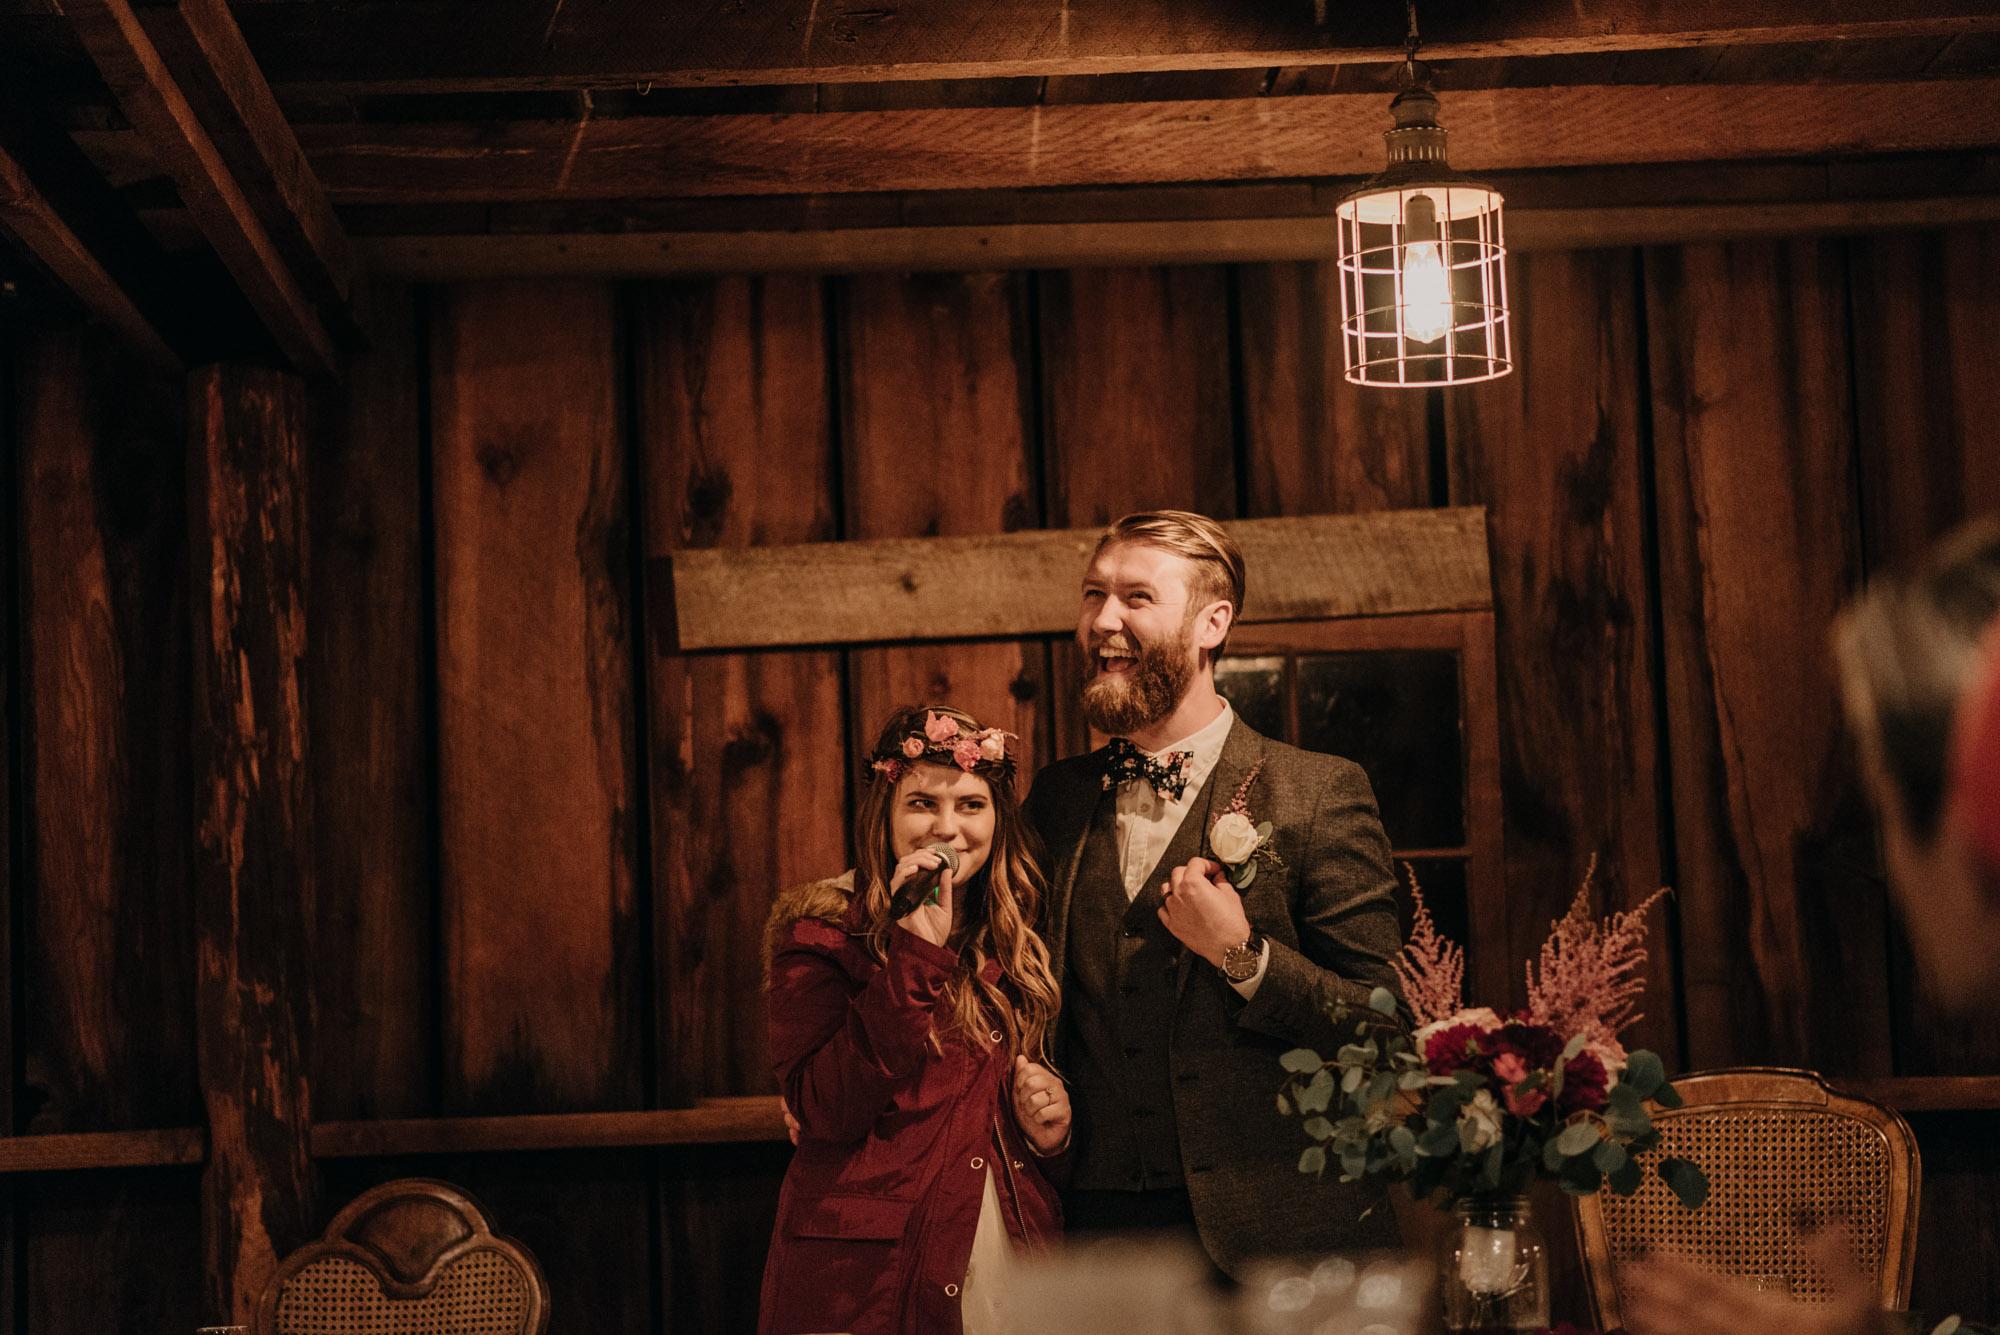 Indoor-Barn-Ceremony-Dancing-Washington-9816.jpg